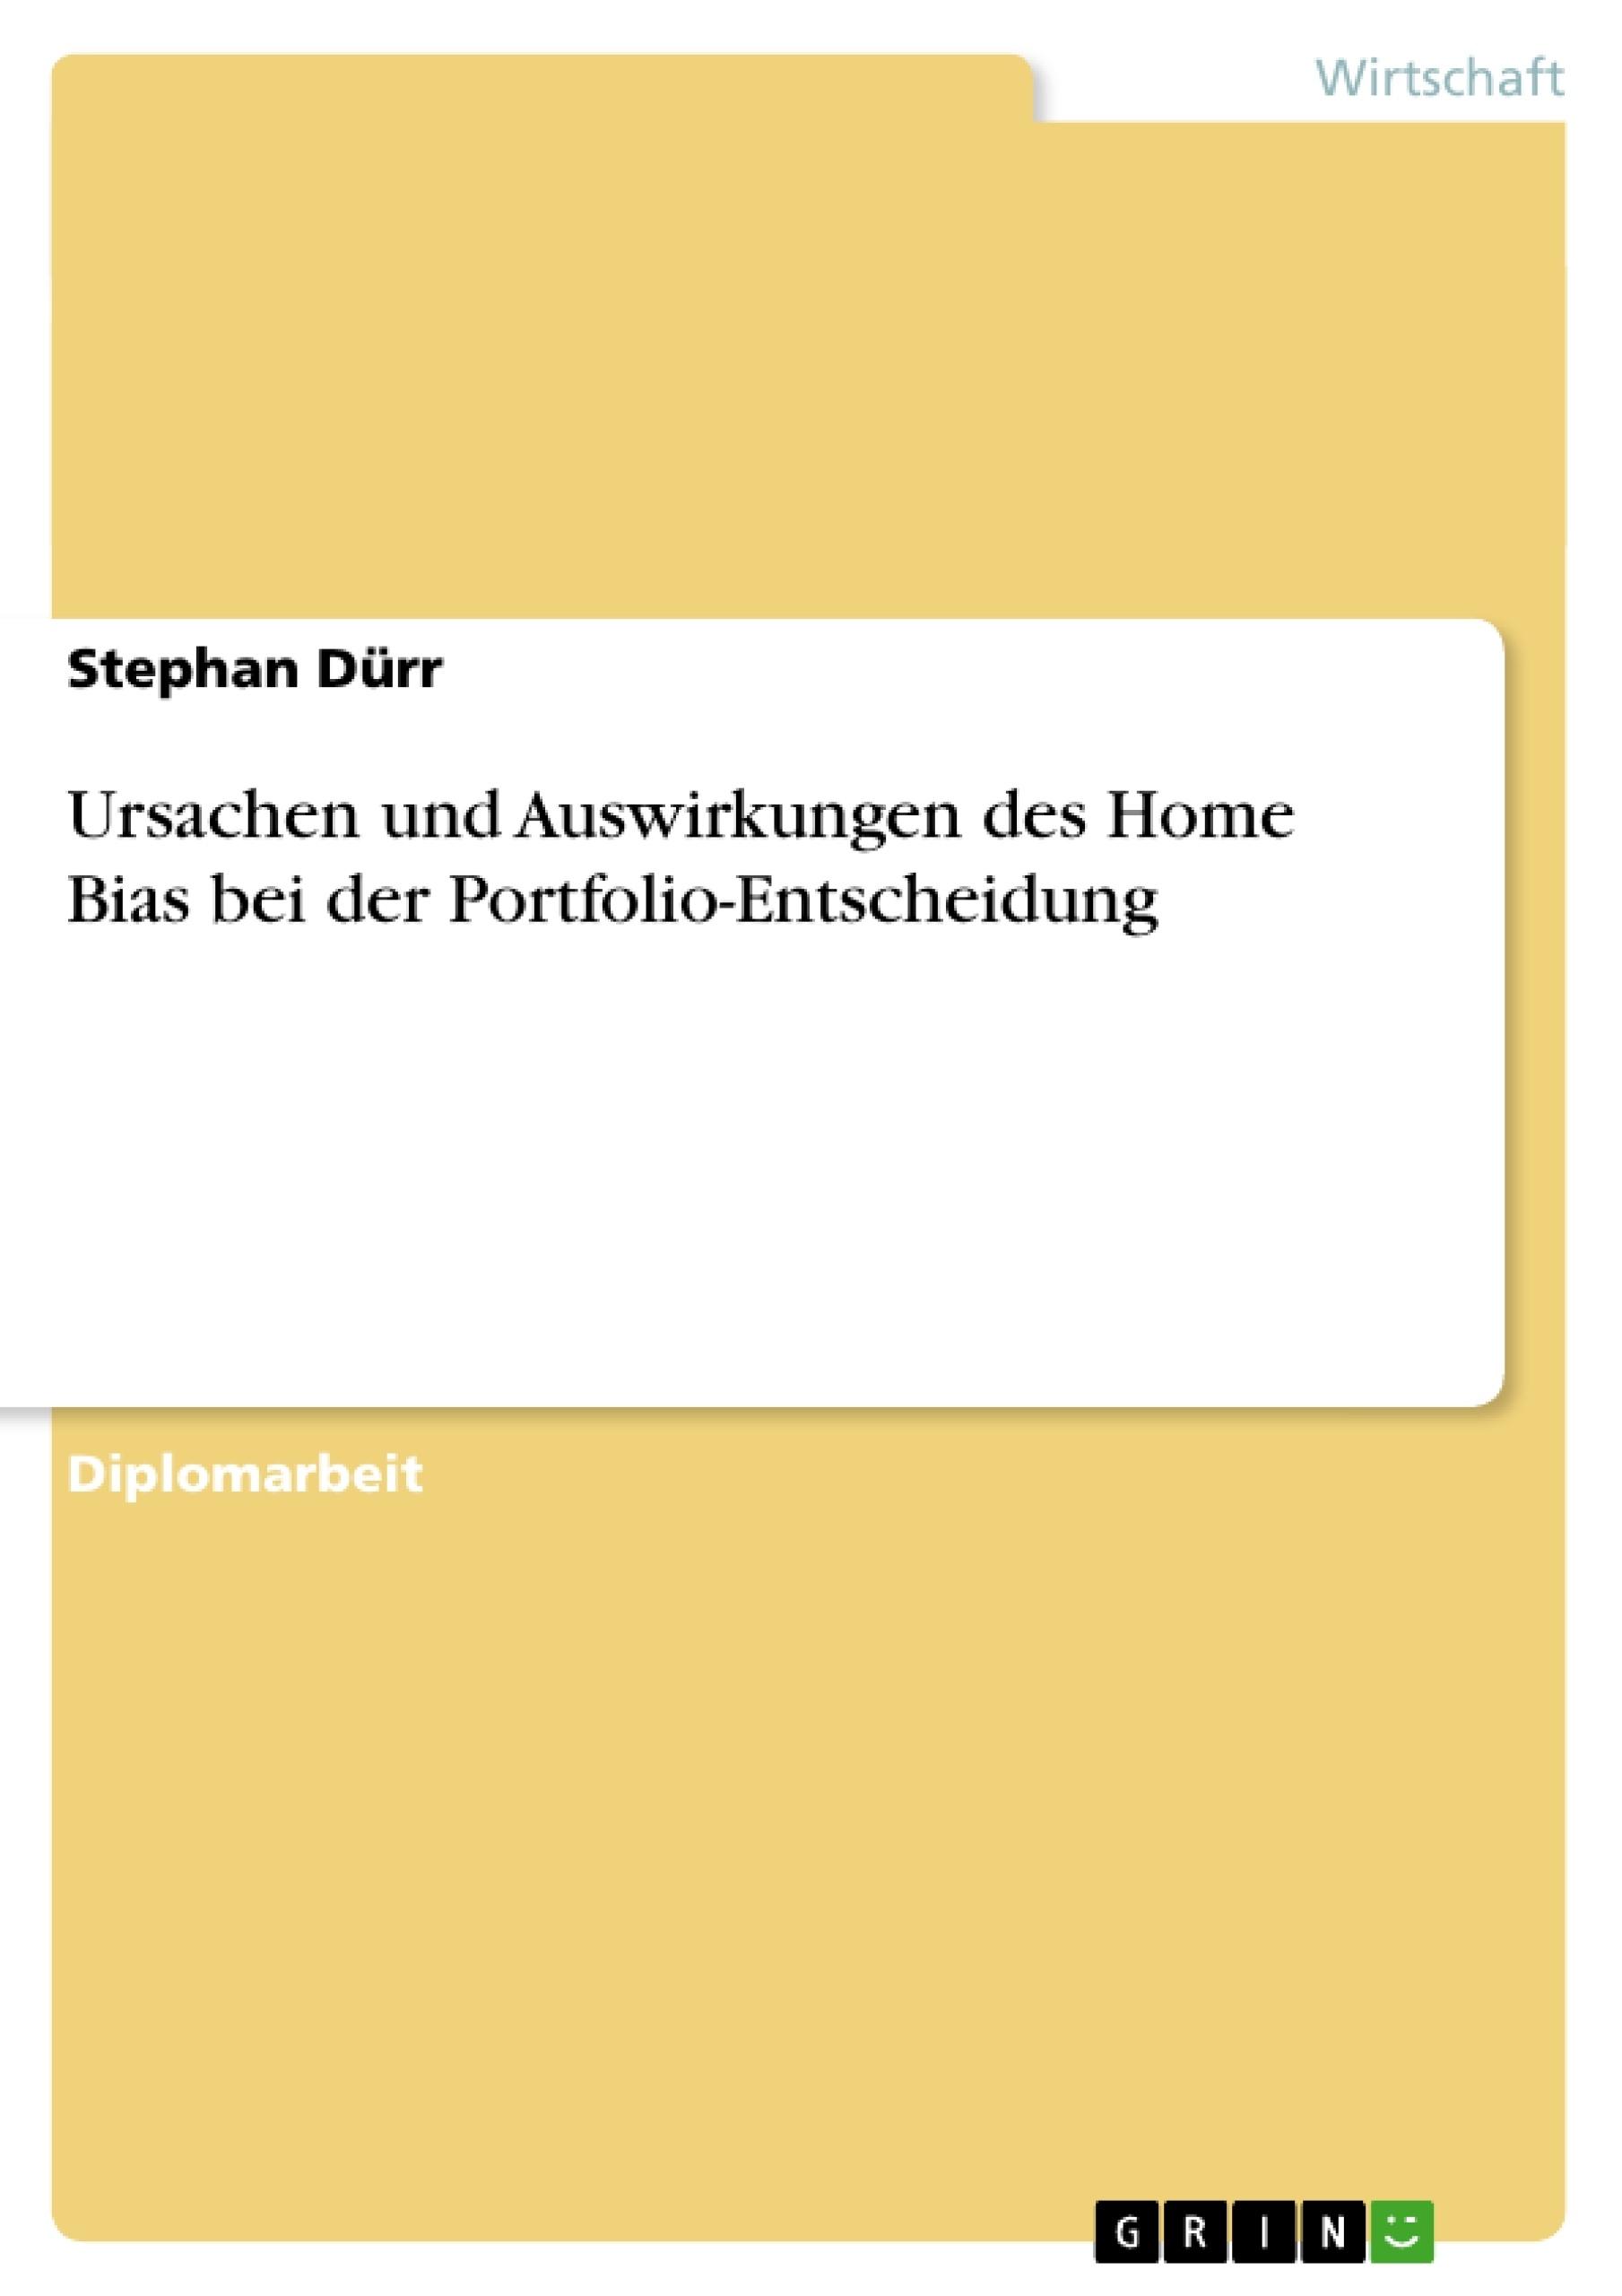 Titel: Ursachen und Auswirkungen des Home Bias bei der Portfolio-Entscheidung